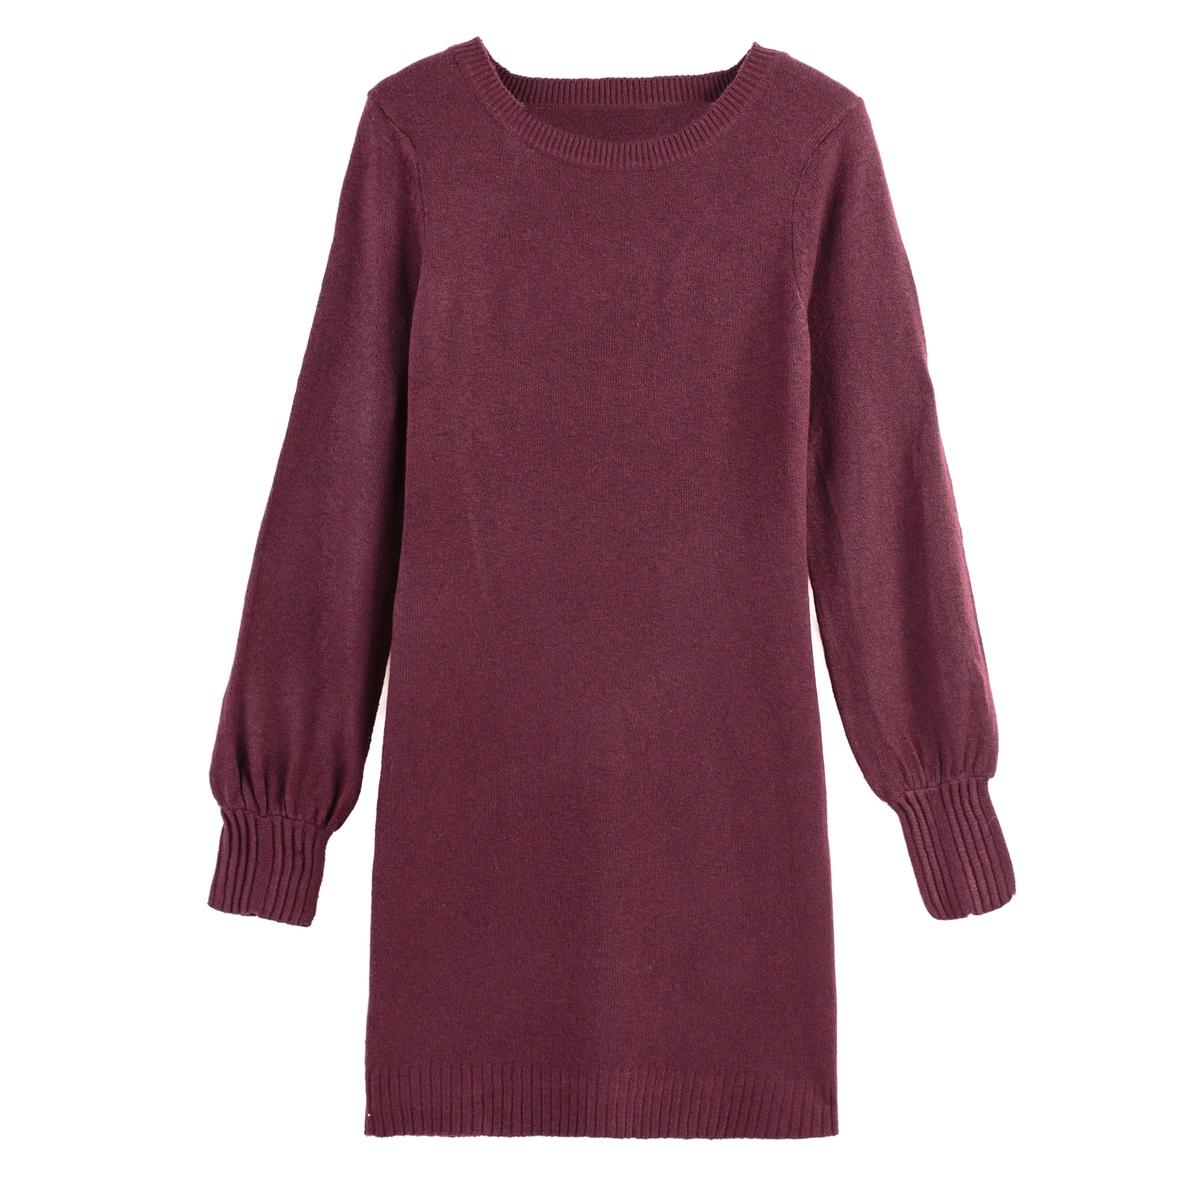 Платье с круглым вырезом и пышными рукавами из трикотажа 1001dress ru платье красное с пышными рукавами